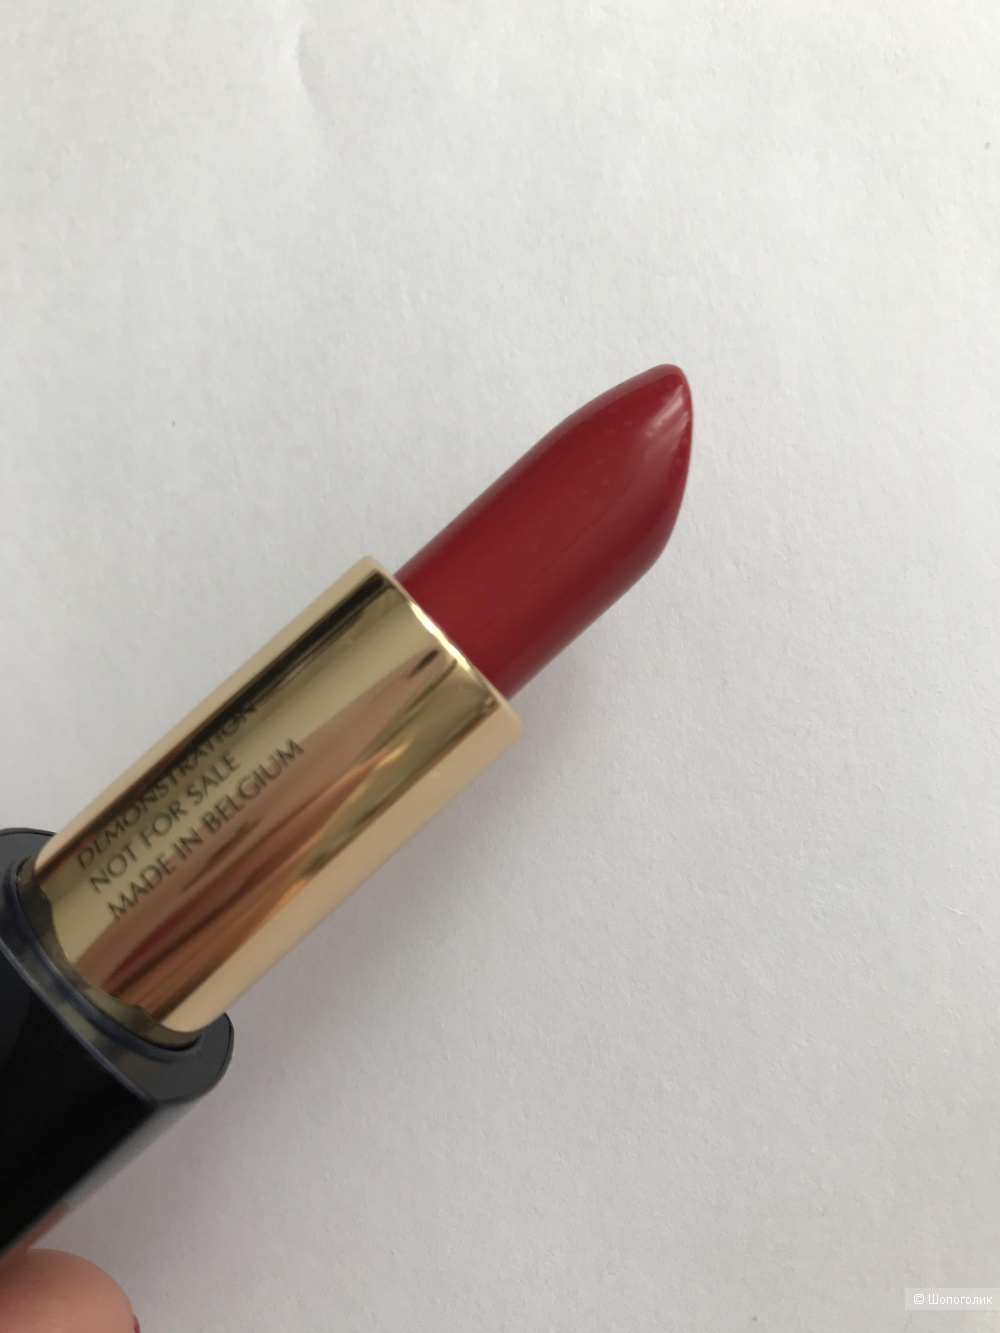 Estee Lauder Pure Color Envy lipstick Губная помада, 340.